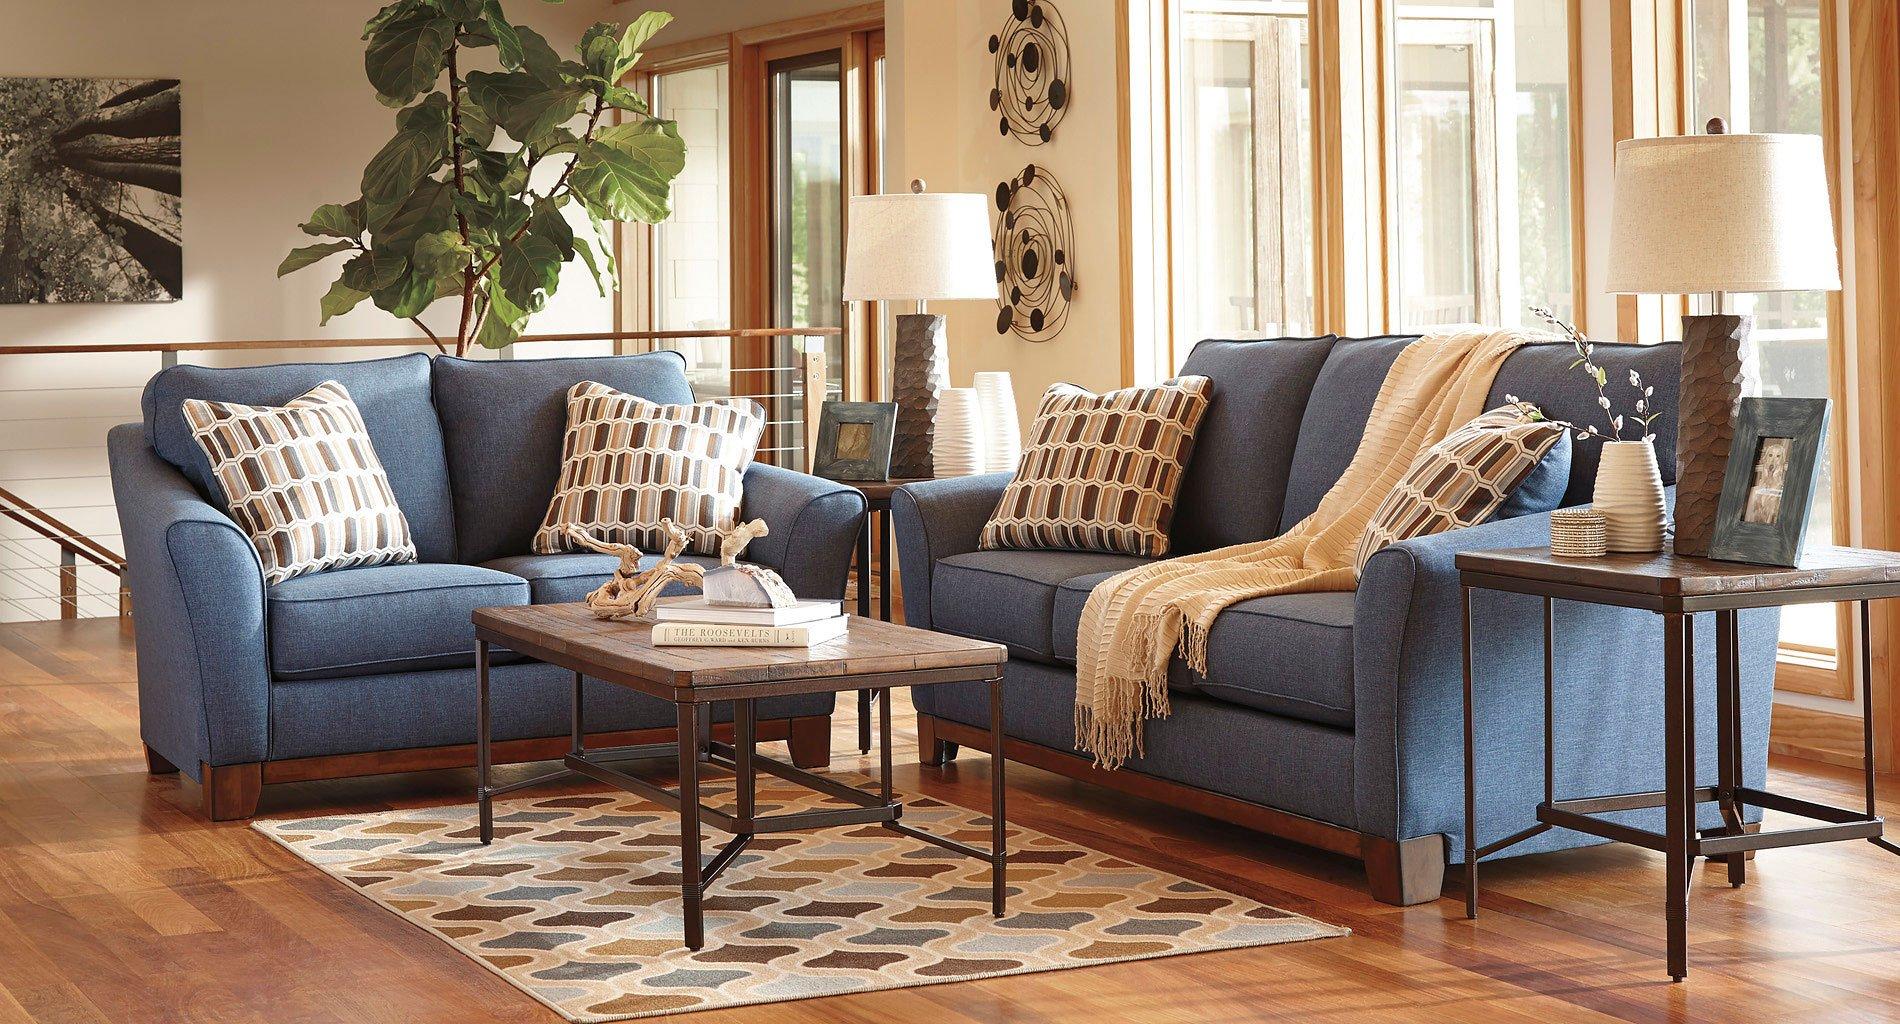 Janley Denim Living Room Set Benchcraft Furniture Cart